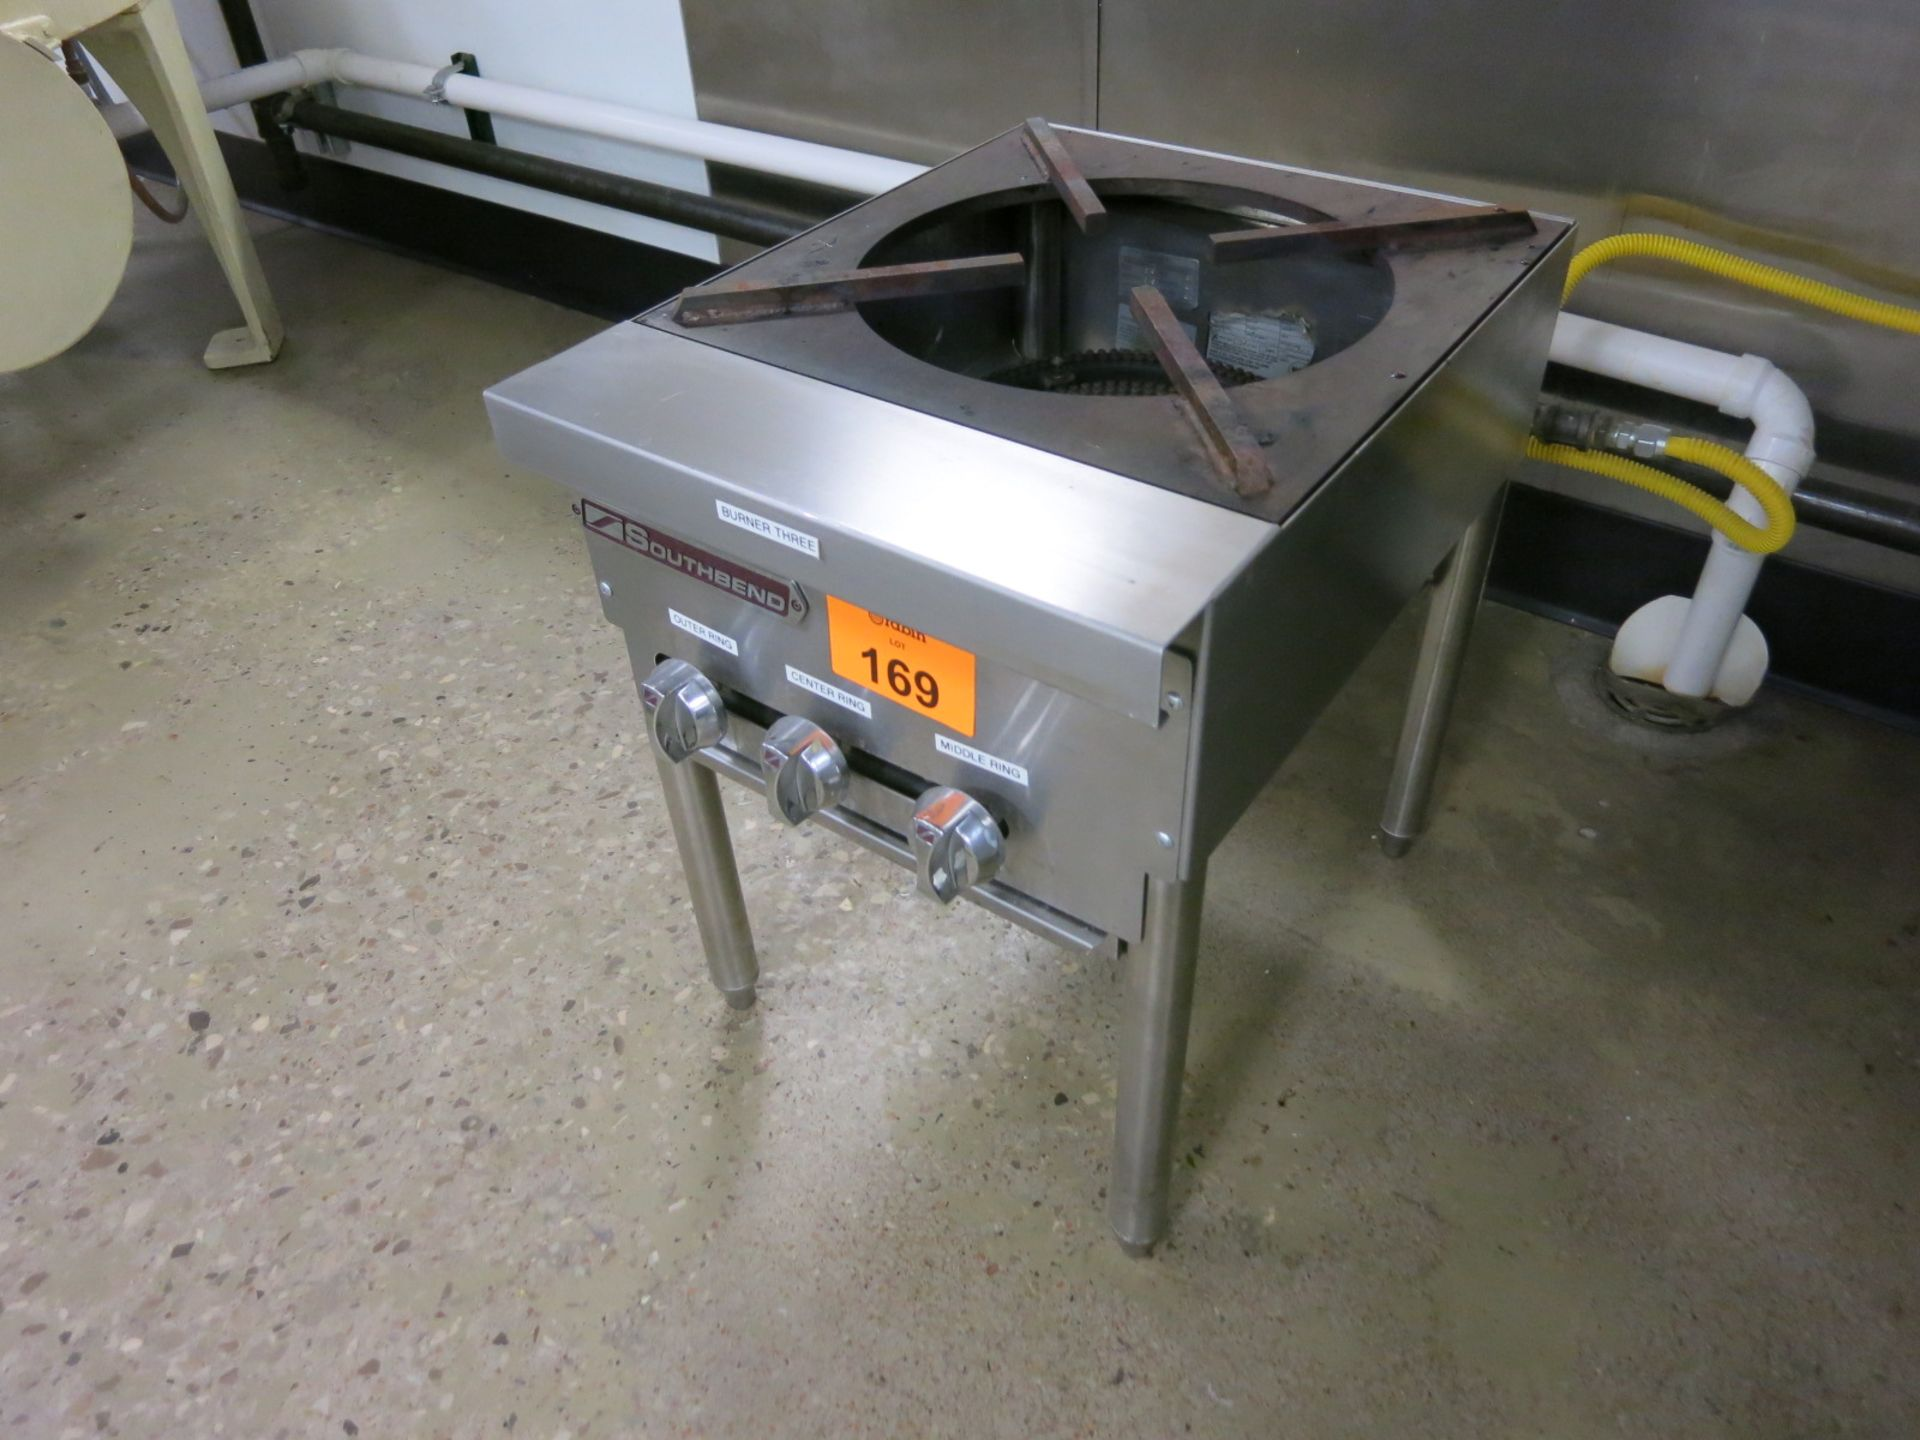 Lot 169 - Fire Mixer